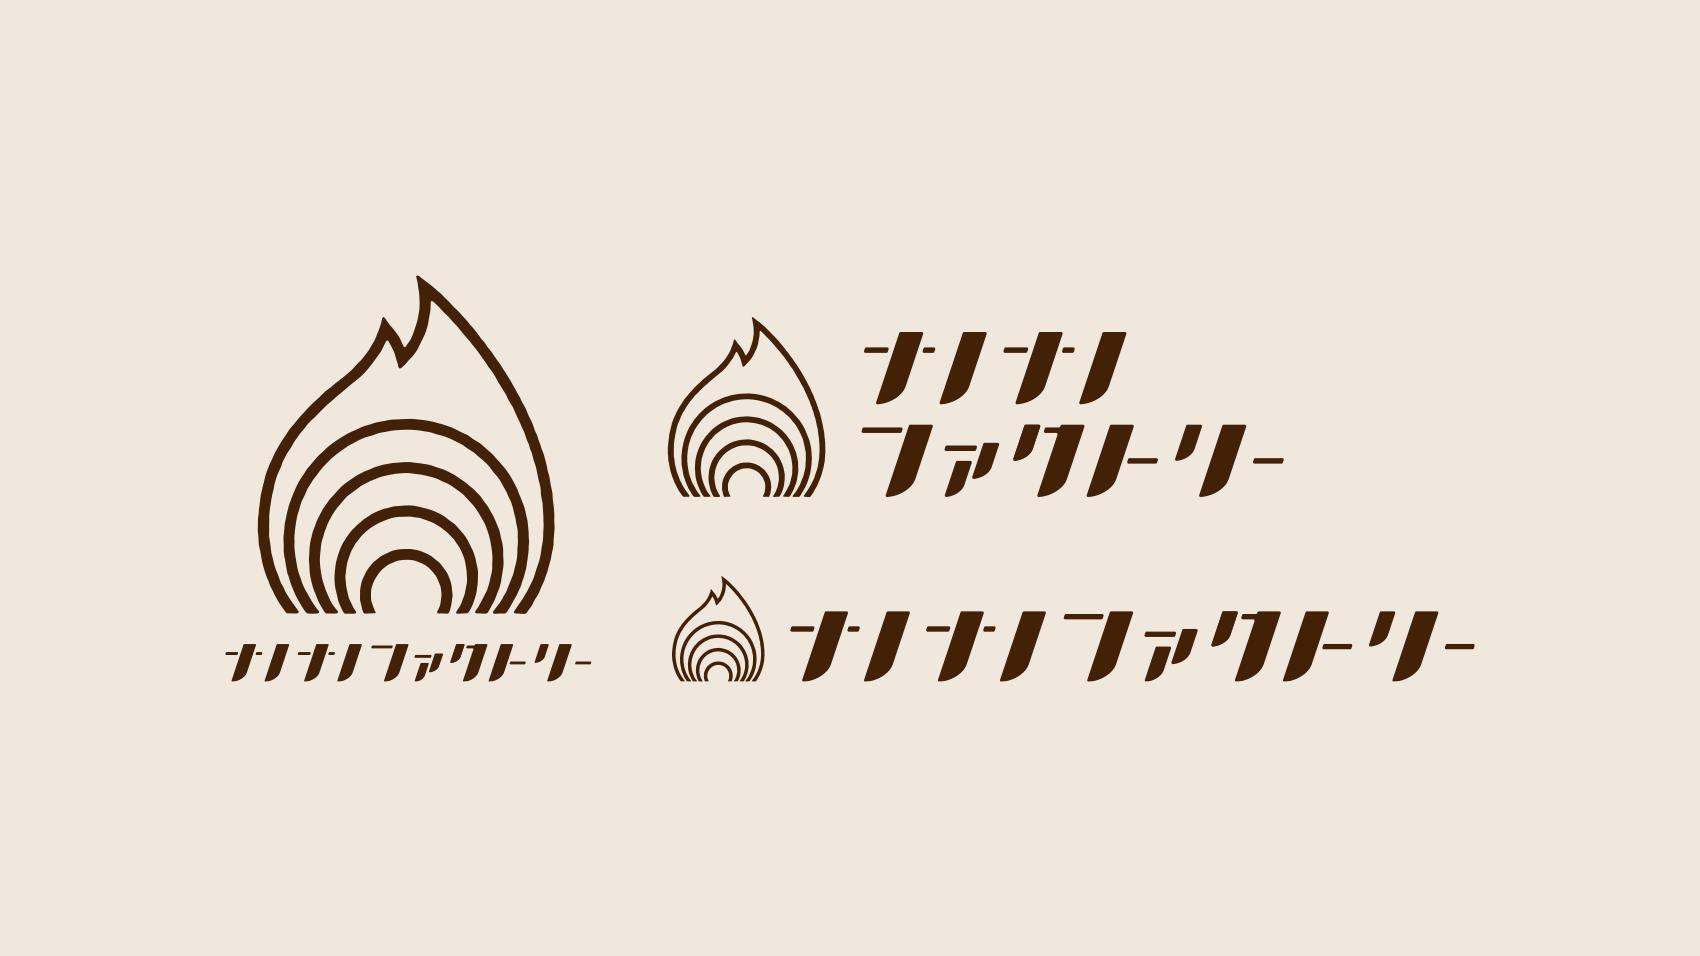 ナノナノファクトリーのロゴデザインバリエーション